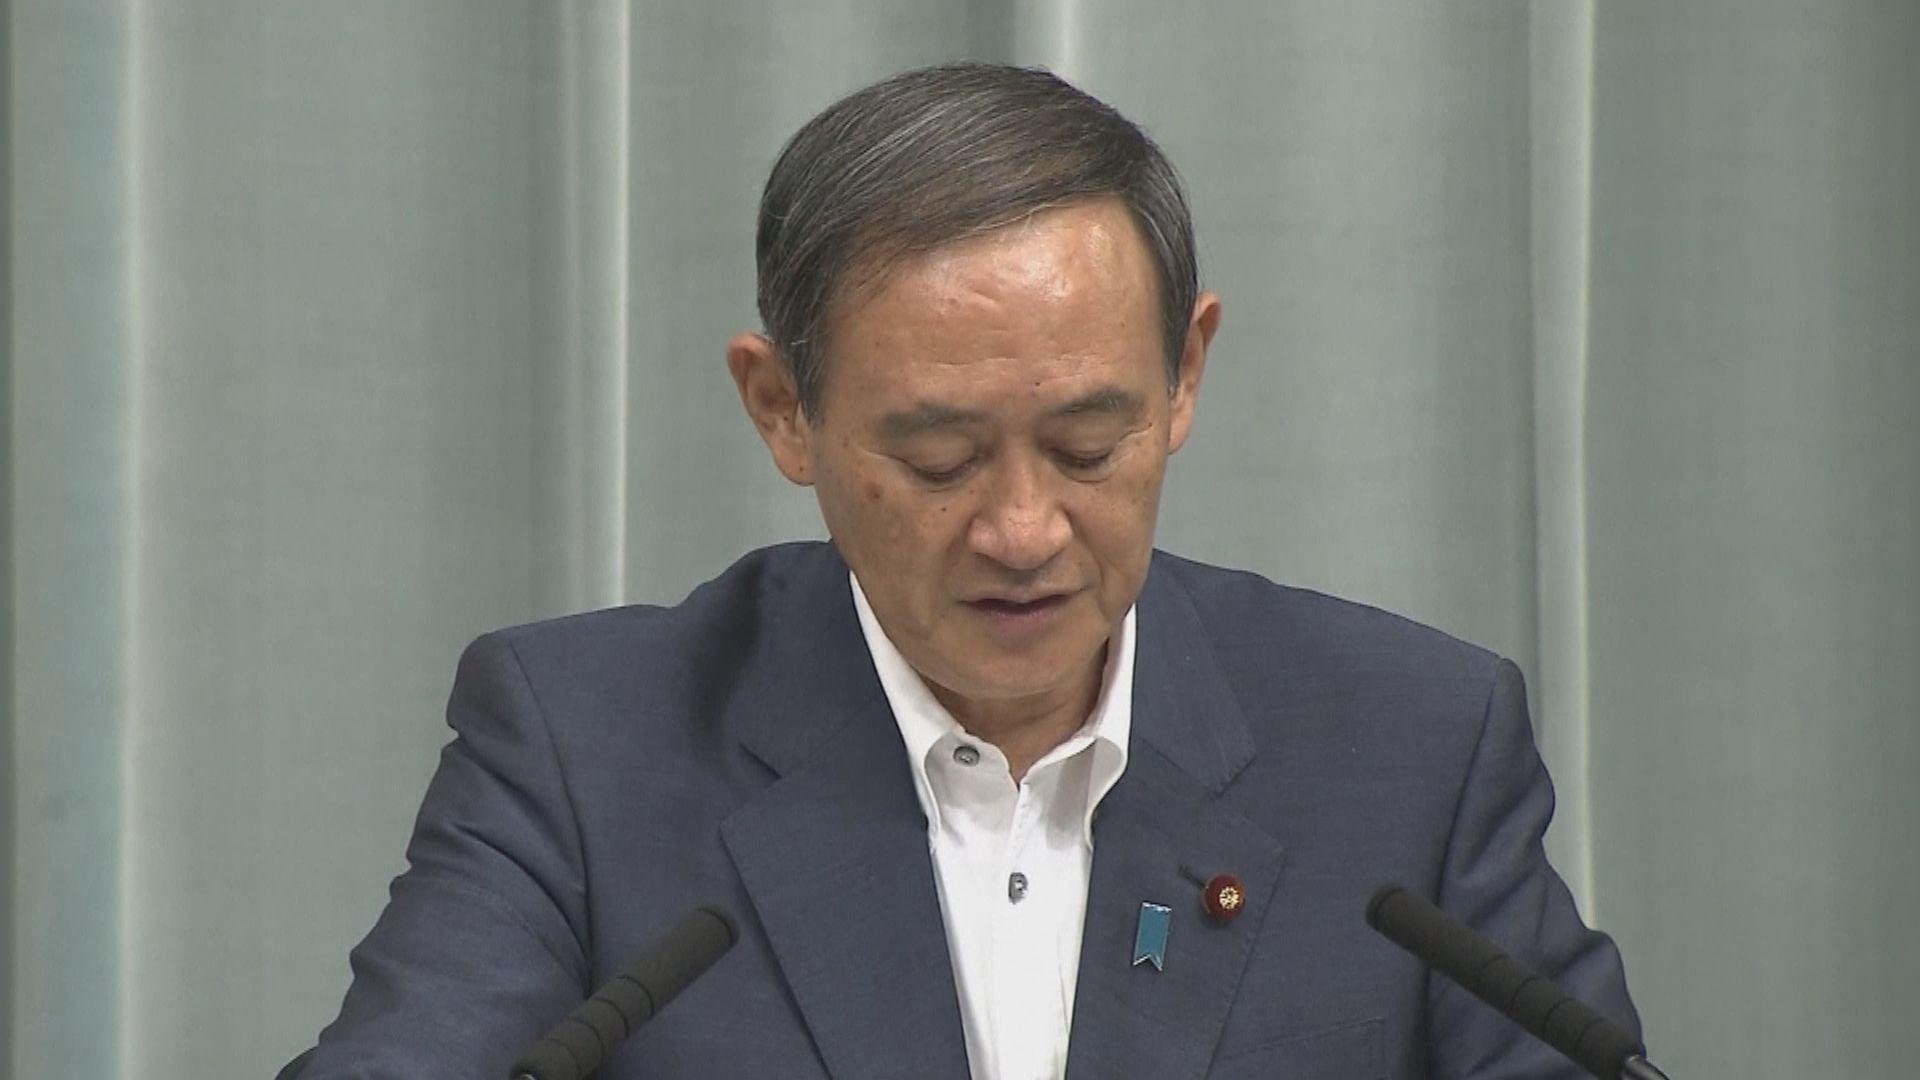 日本共同社調查指菅義偉民間支持度落後石破茂